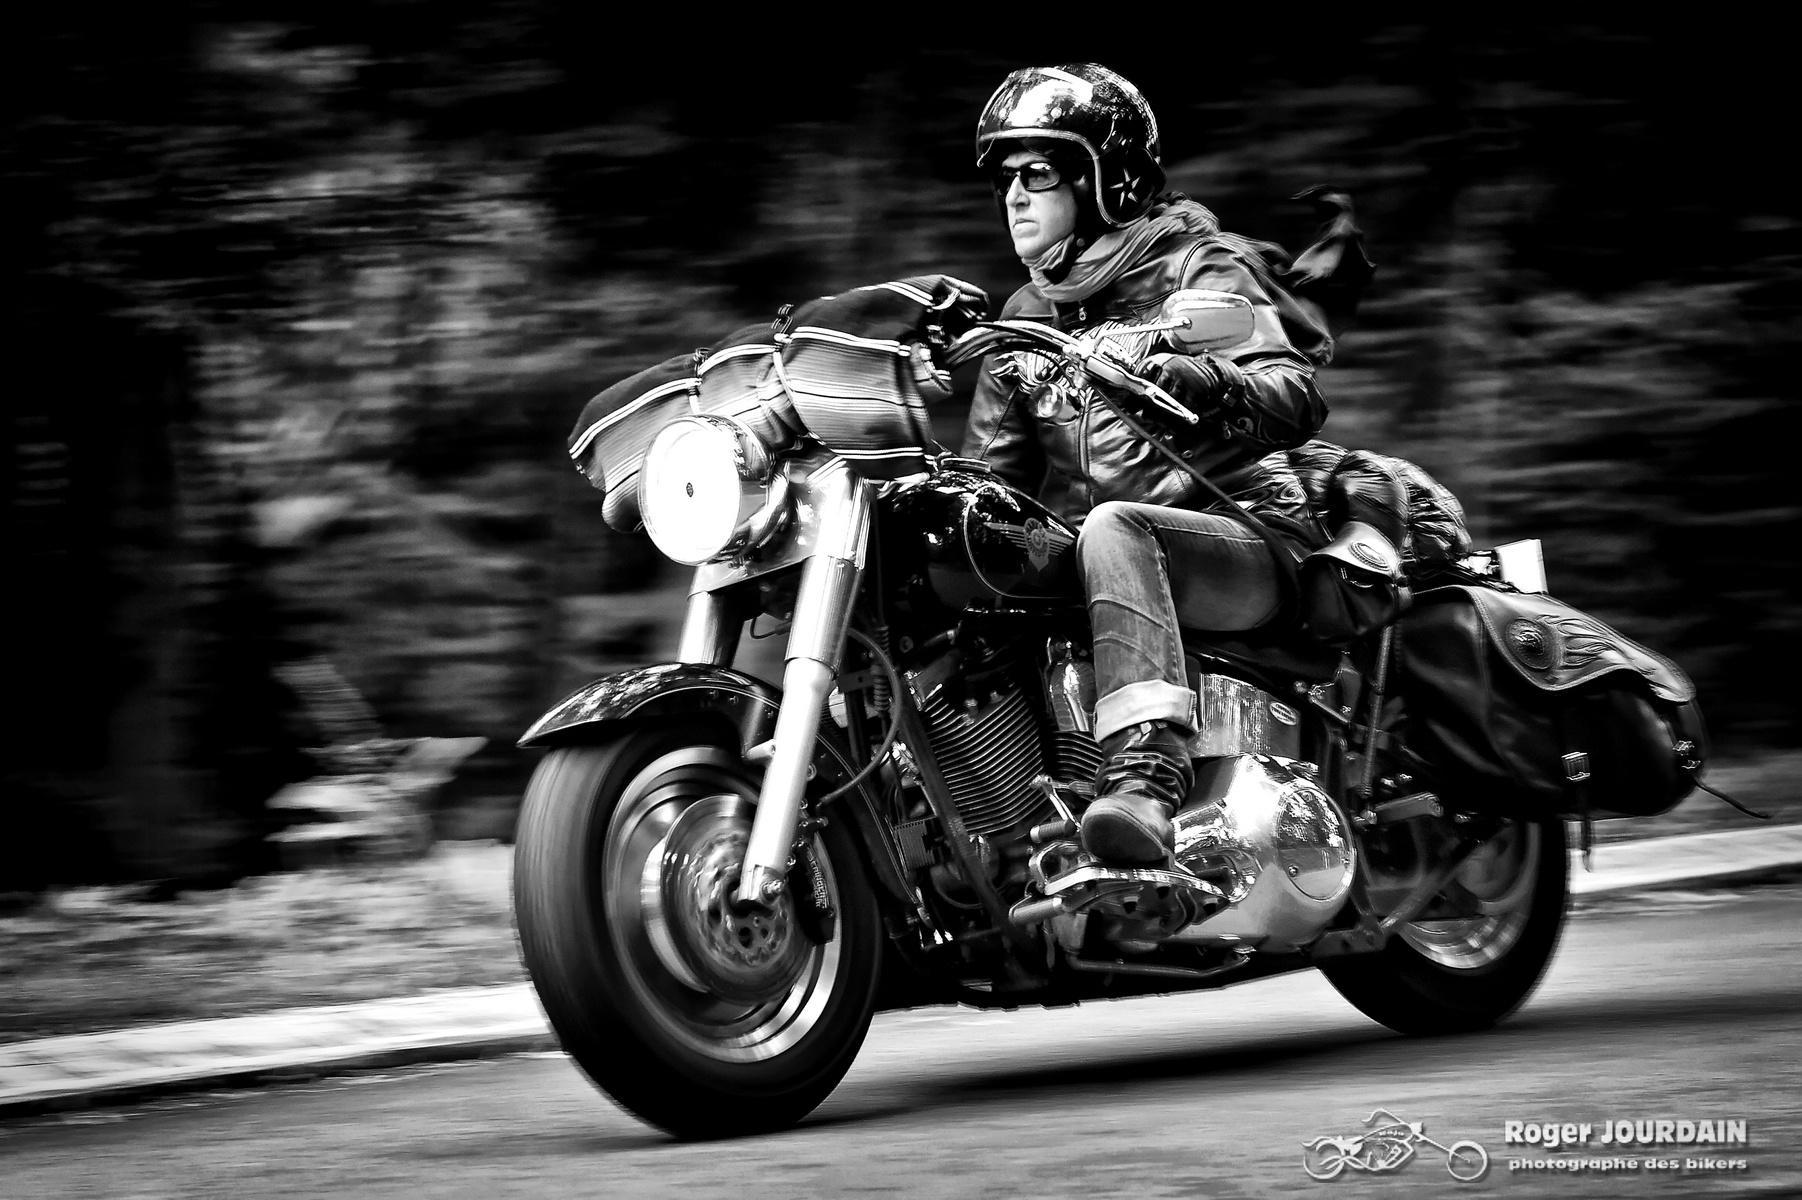 Ma galerie photos spéciale bikers en noir et blanc